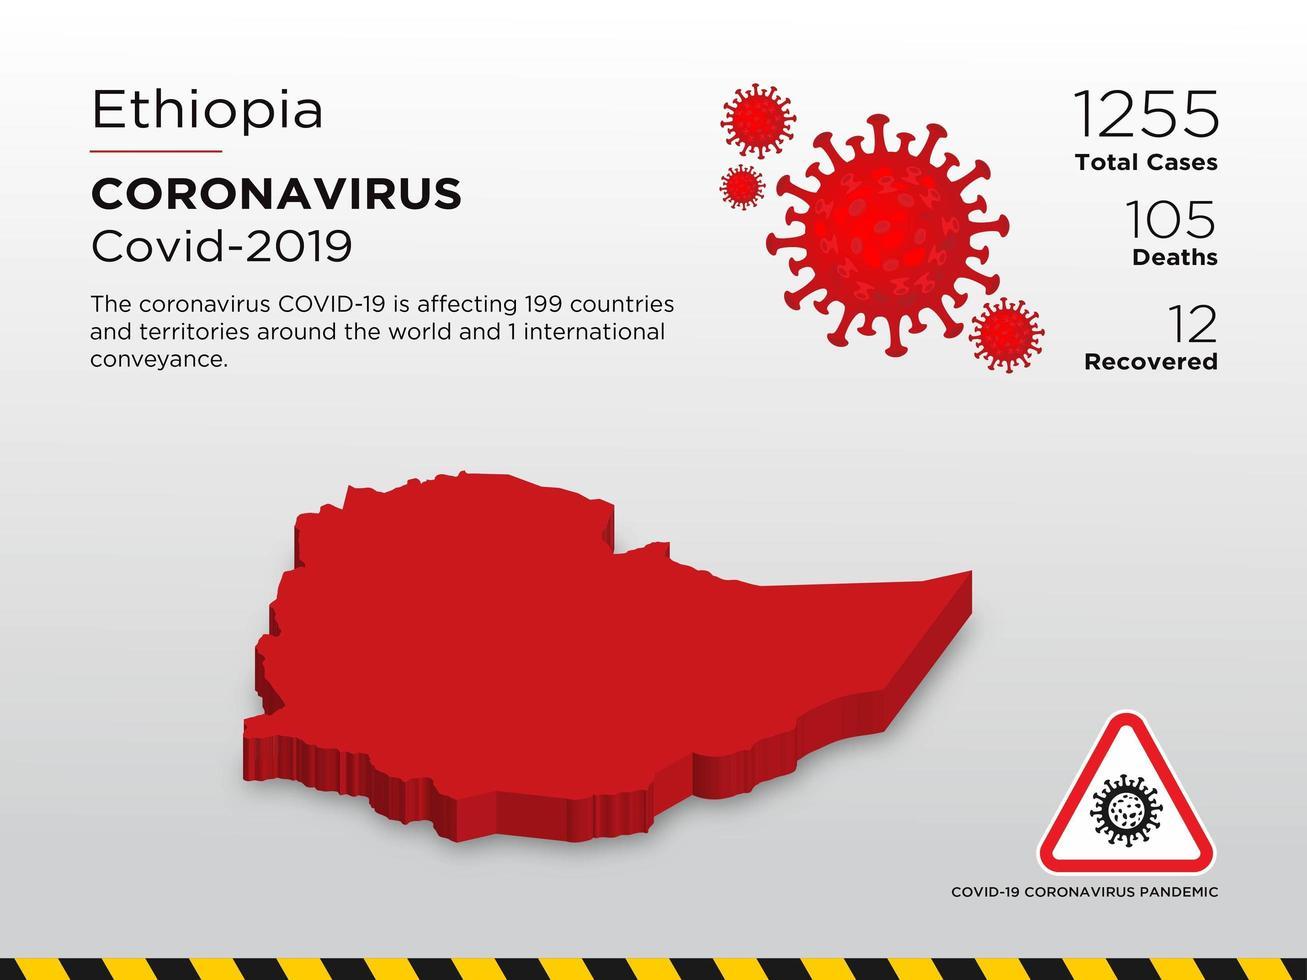 Mapa del país afectado por la propagación del coronavirus en Etiopía vector